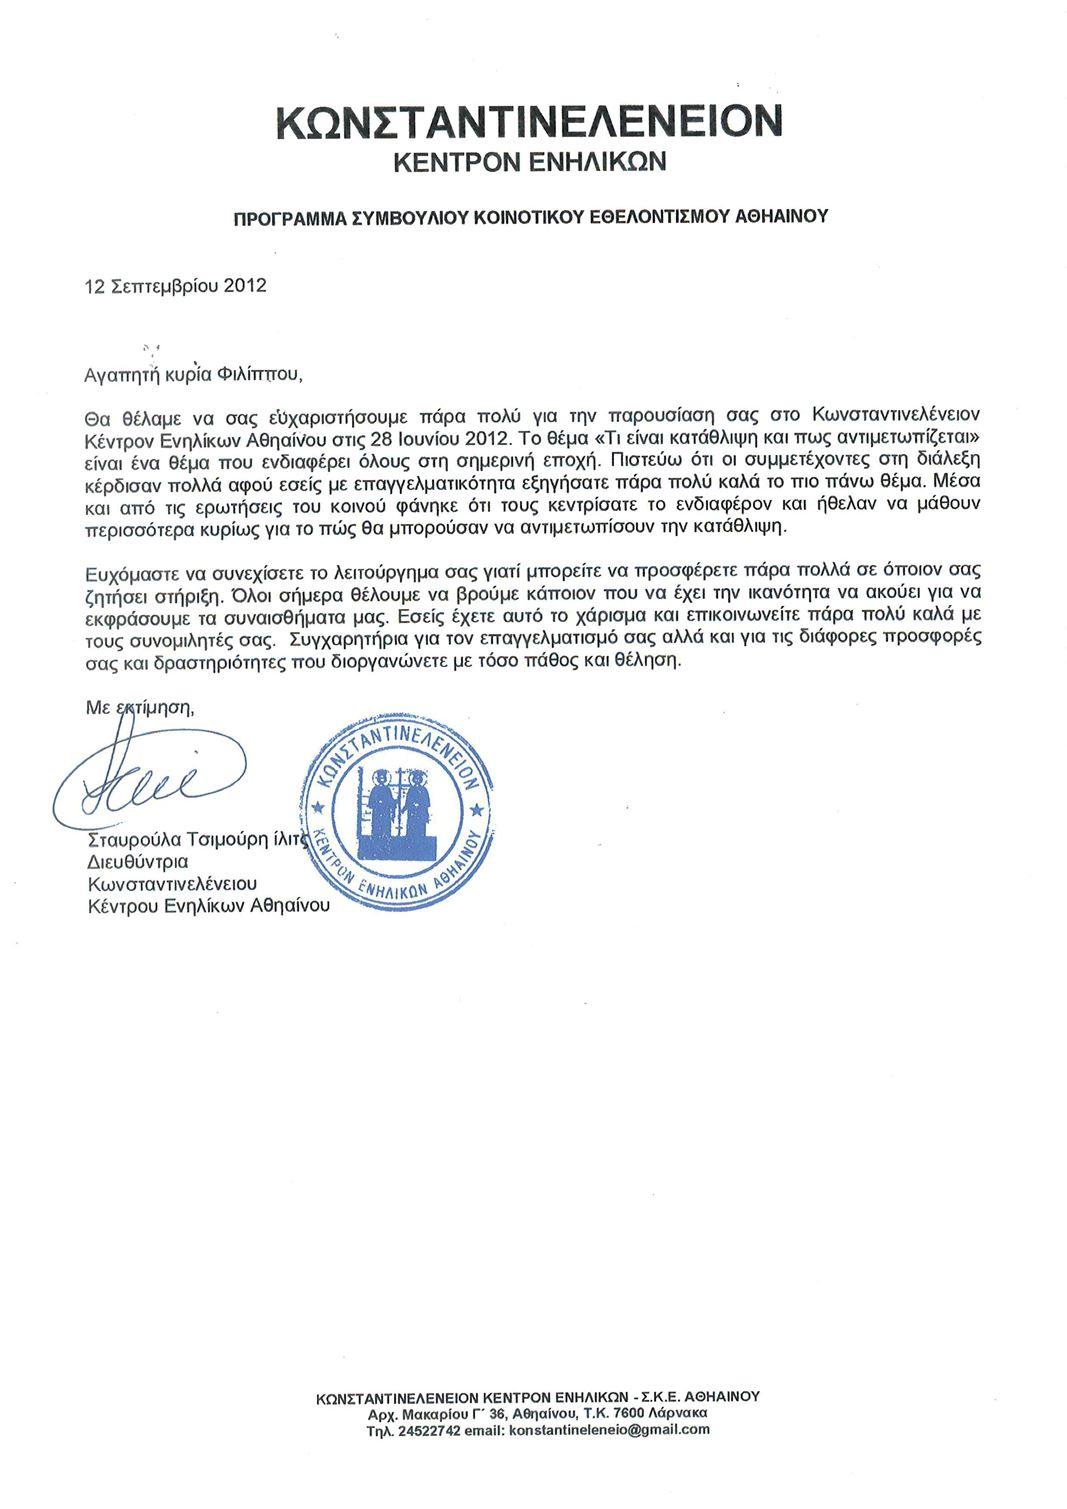 2012 - Κωνσταντινελένειον Κέντρον Ενηλίκων